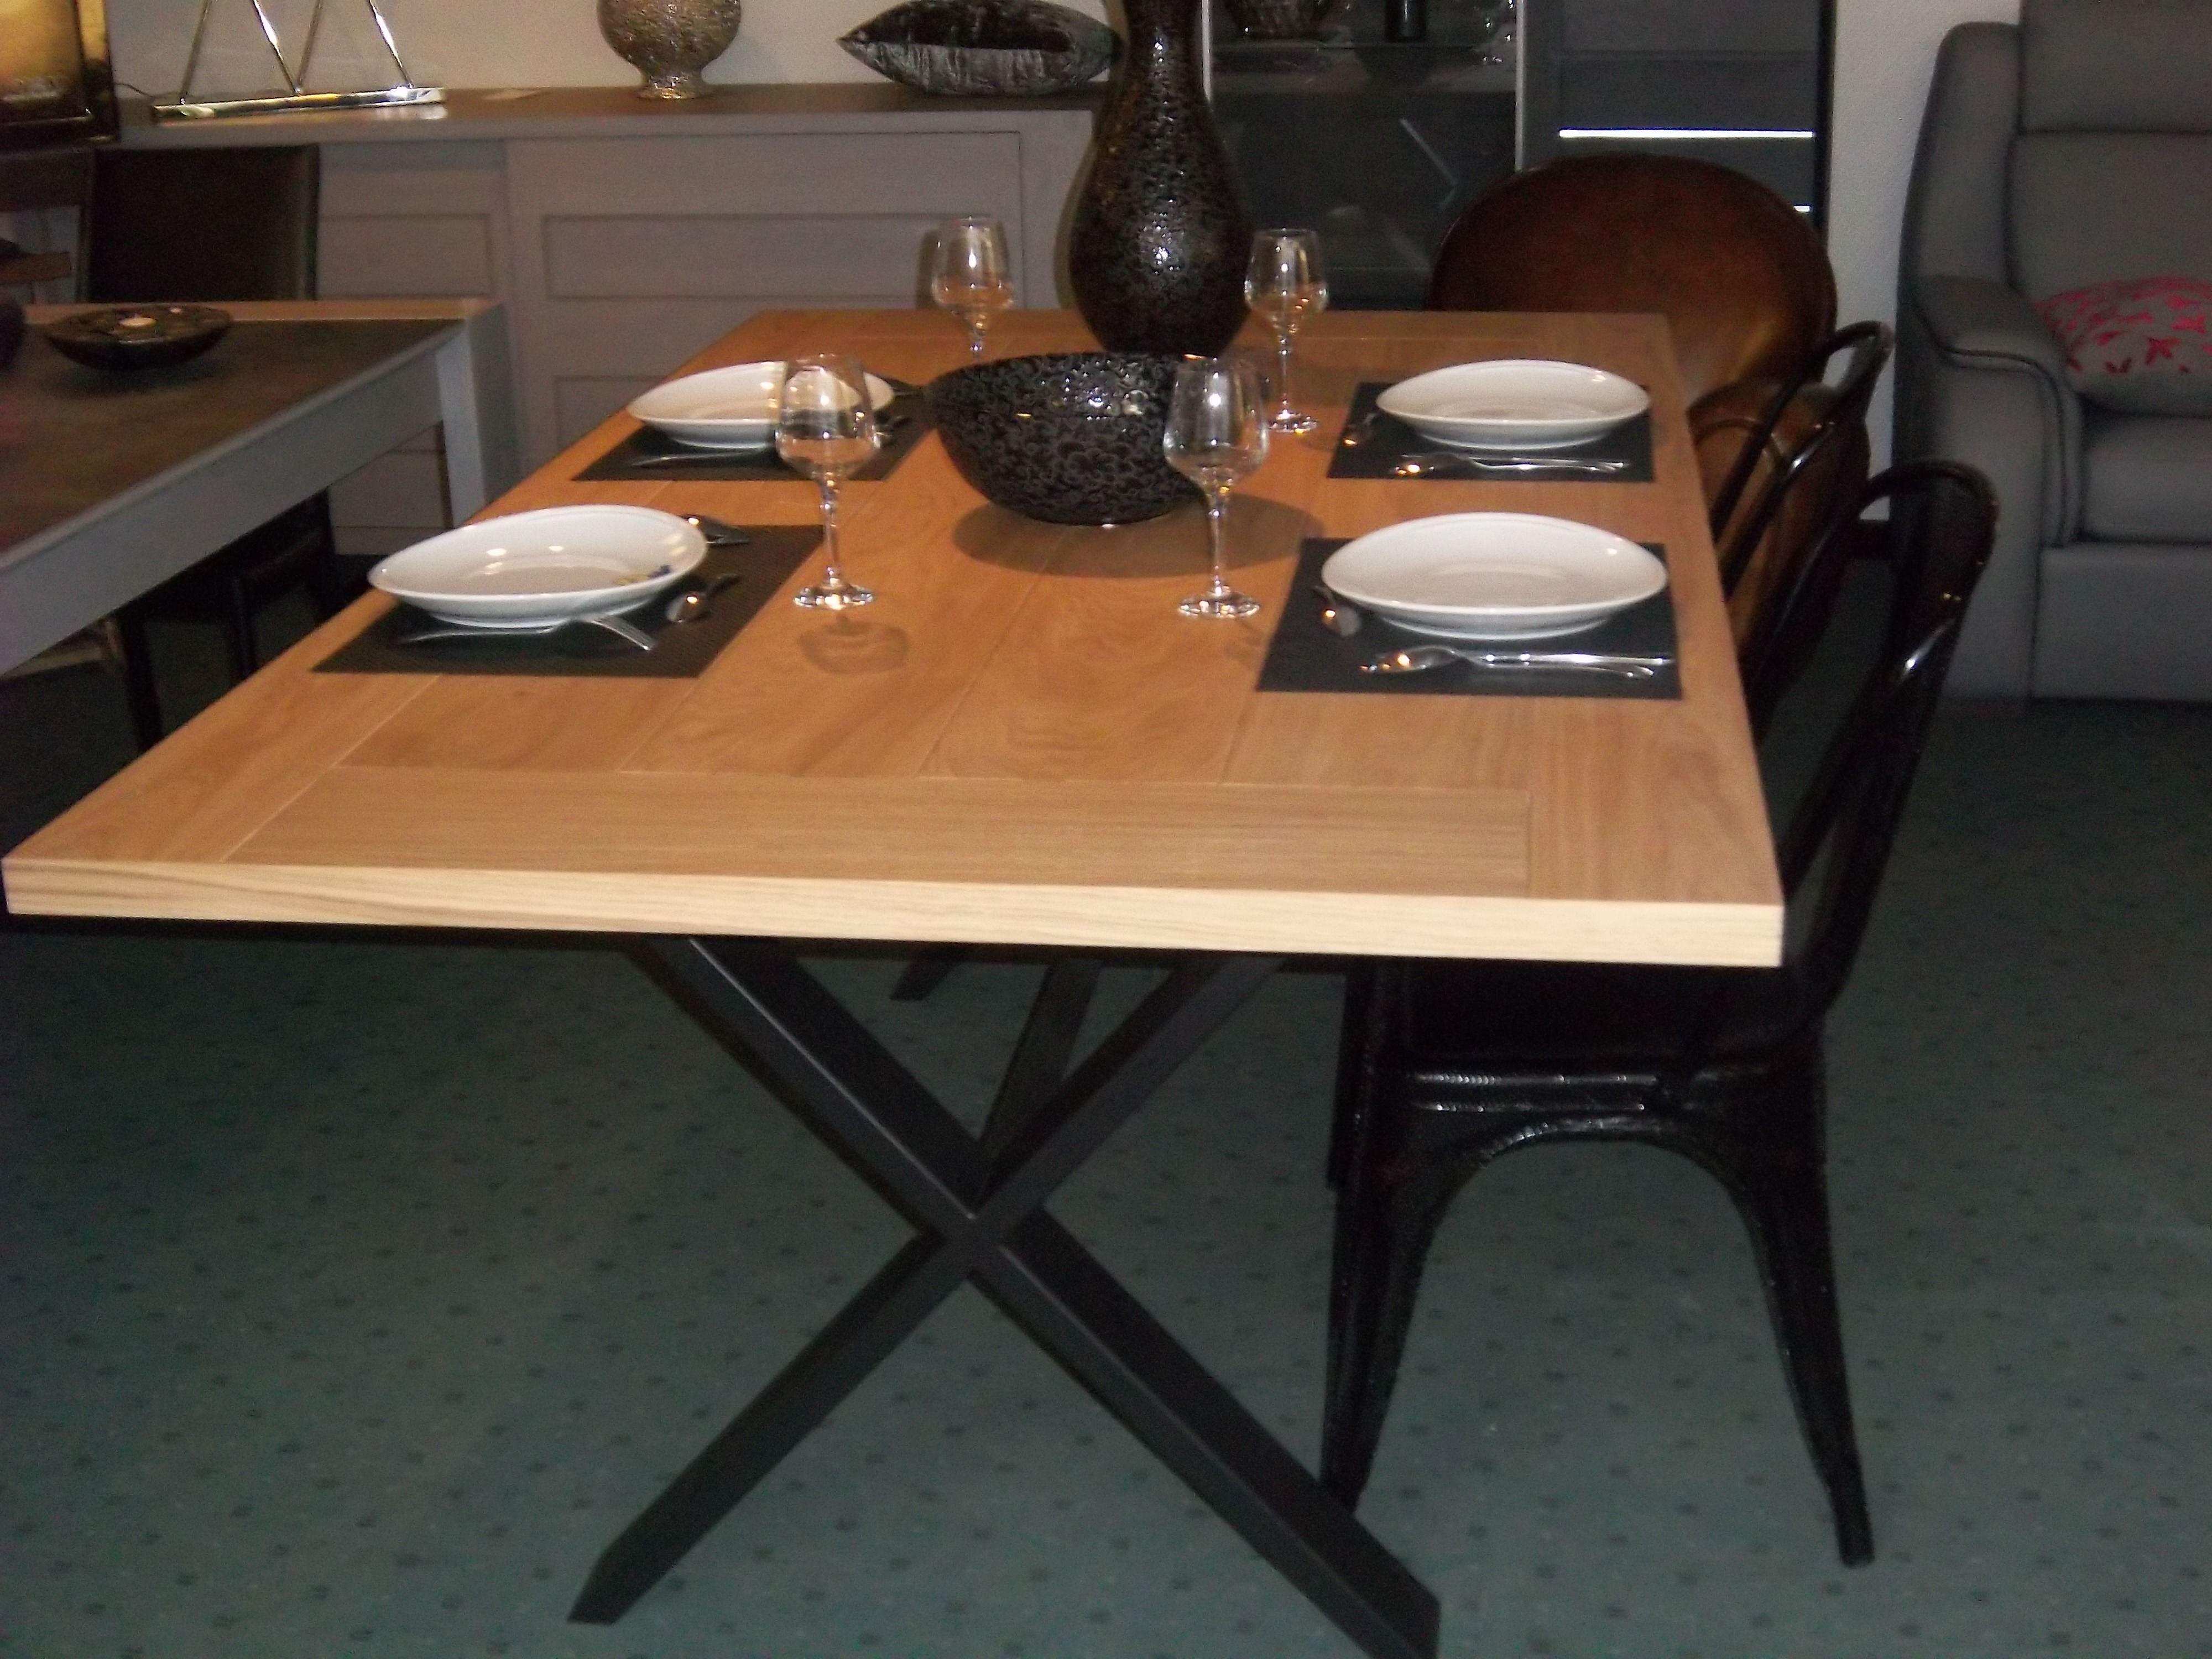 Table Bois Et Metal Pied En Croix Et Dessus Chene Séjour - Table 140x140 avec rallonge pour idees de deco de cuisine